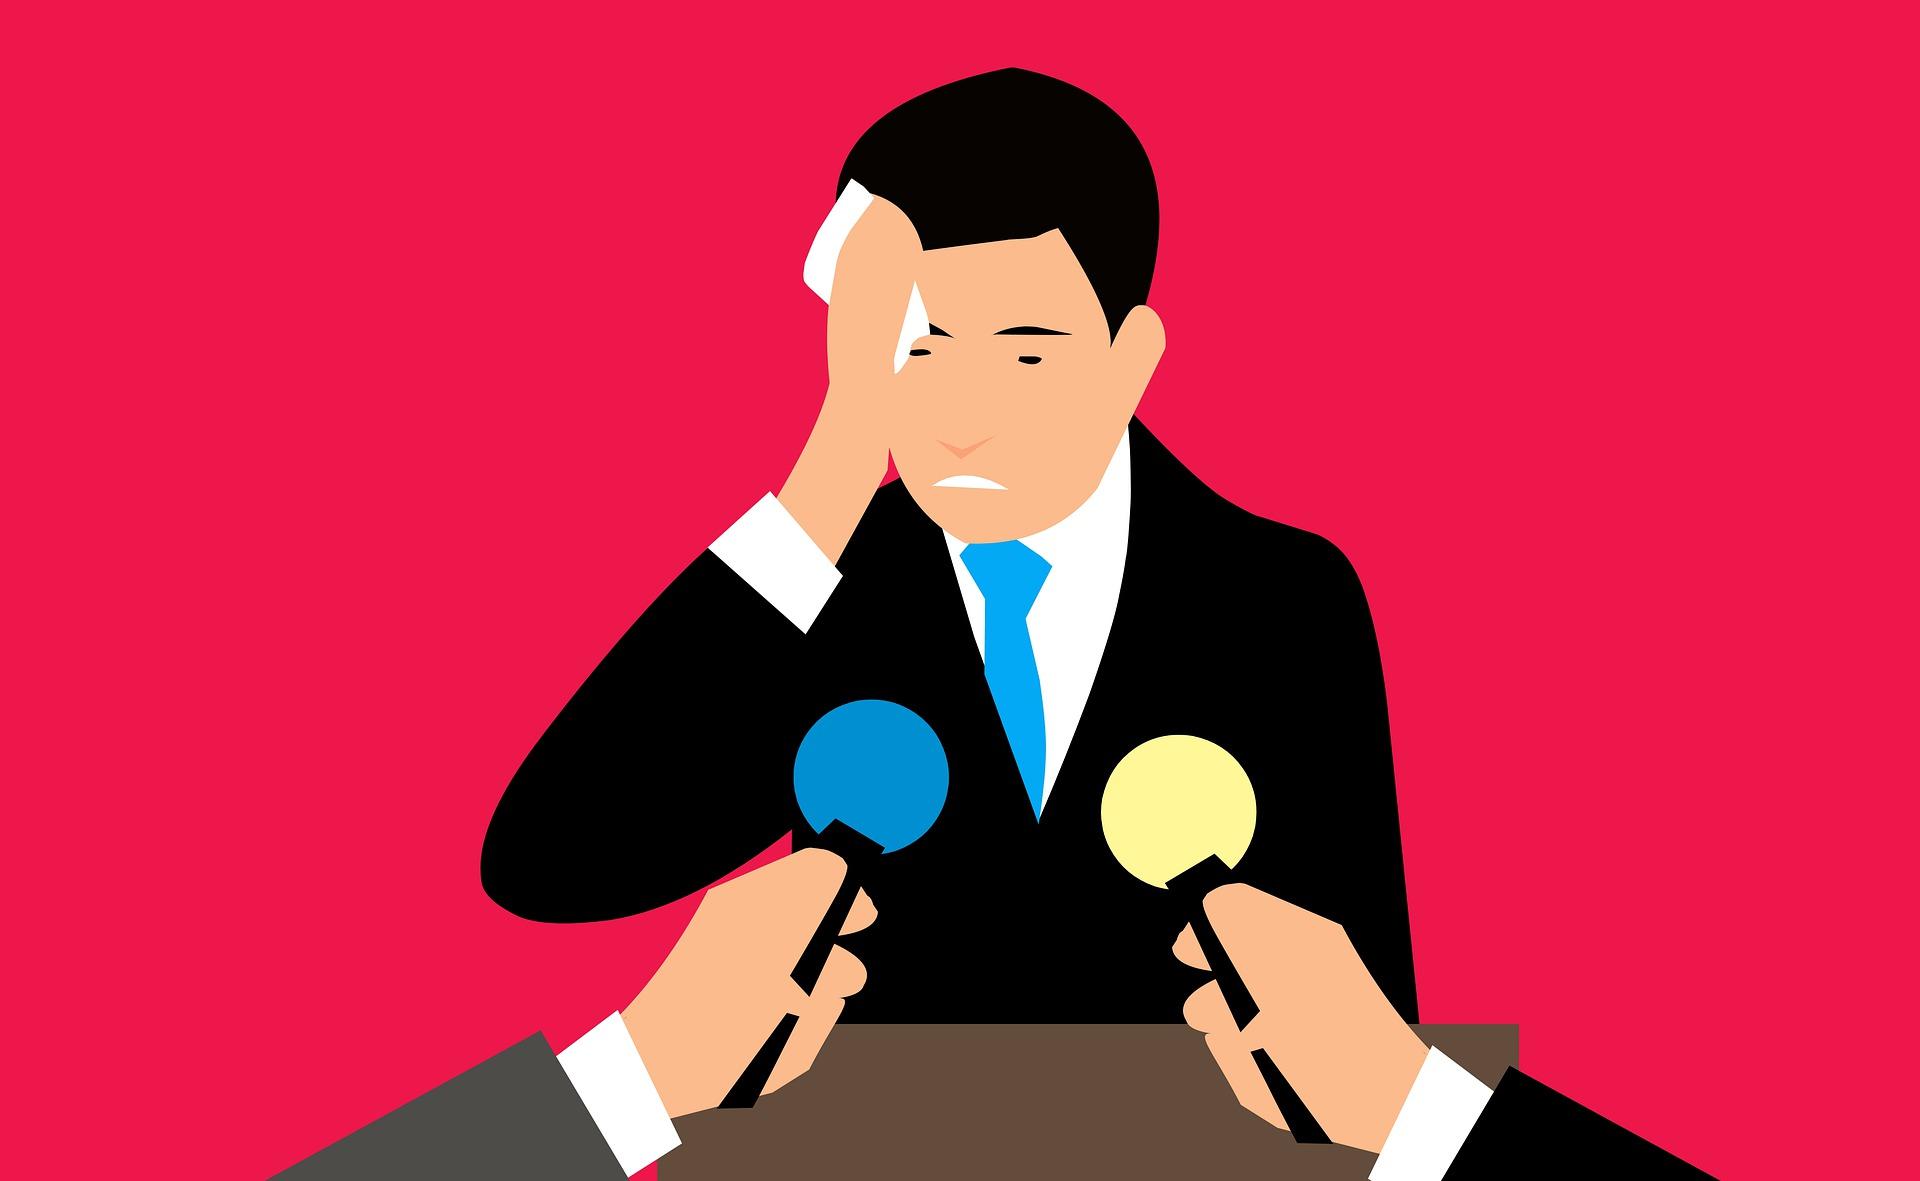 Füllwörter verwenden in der Rede und Kommunikation Die Angst vor Menschen zu sprechen - was ich mit der Stimme tun kann